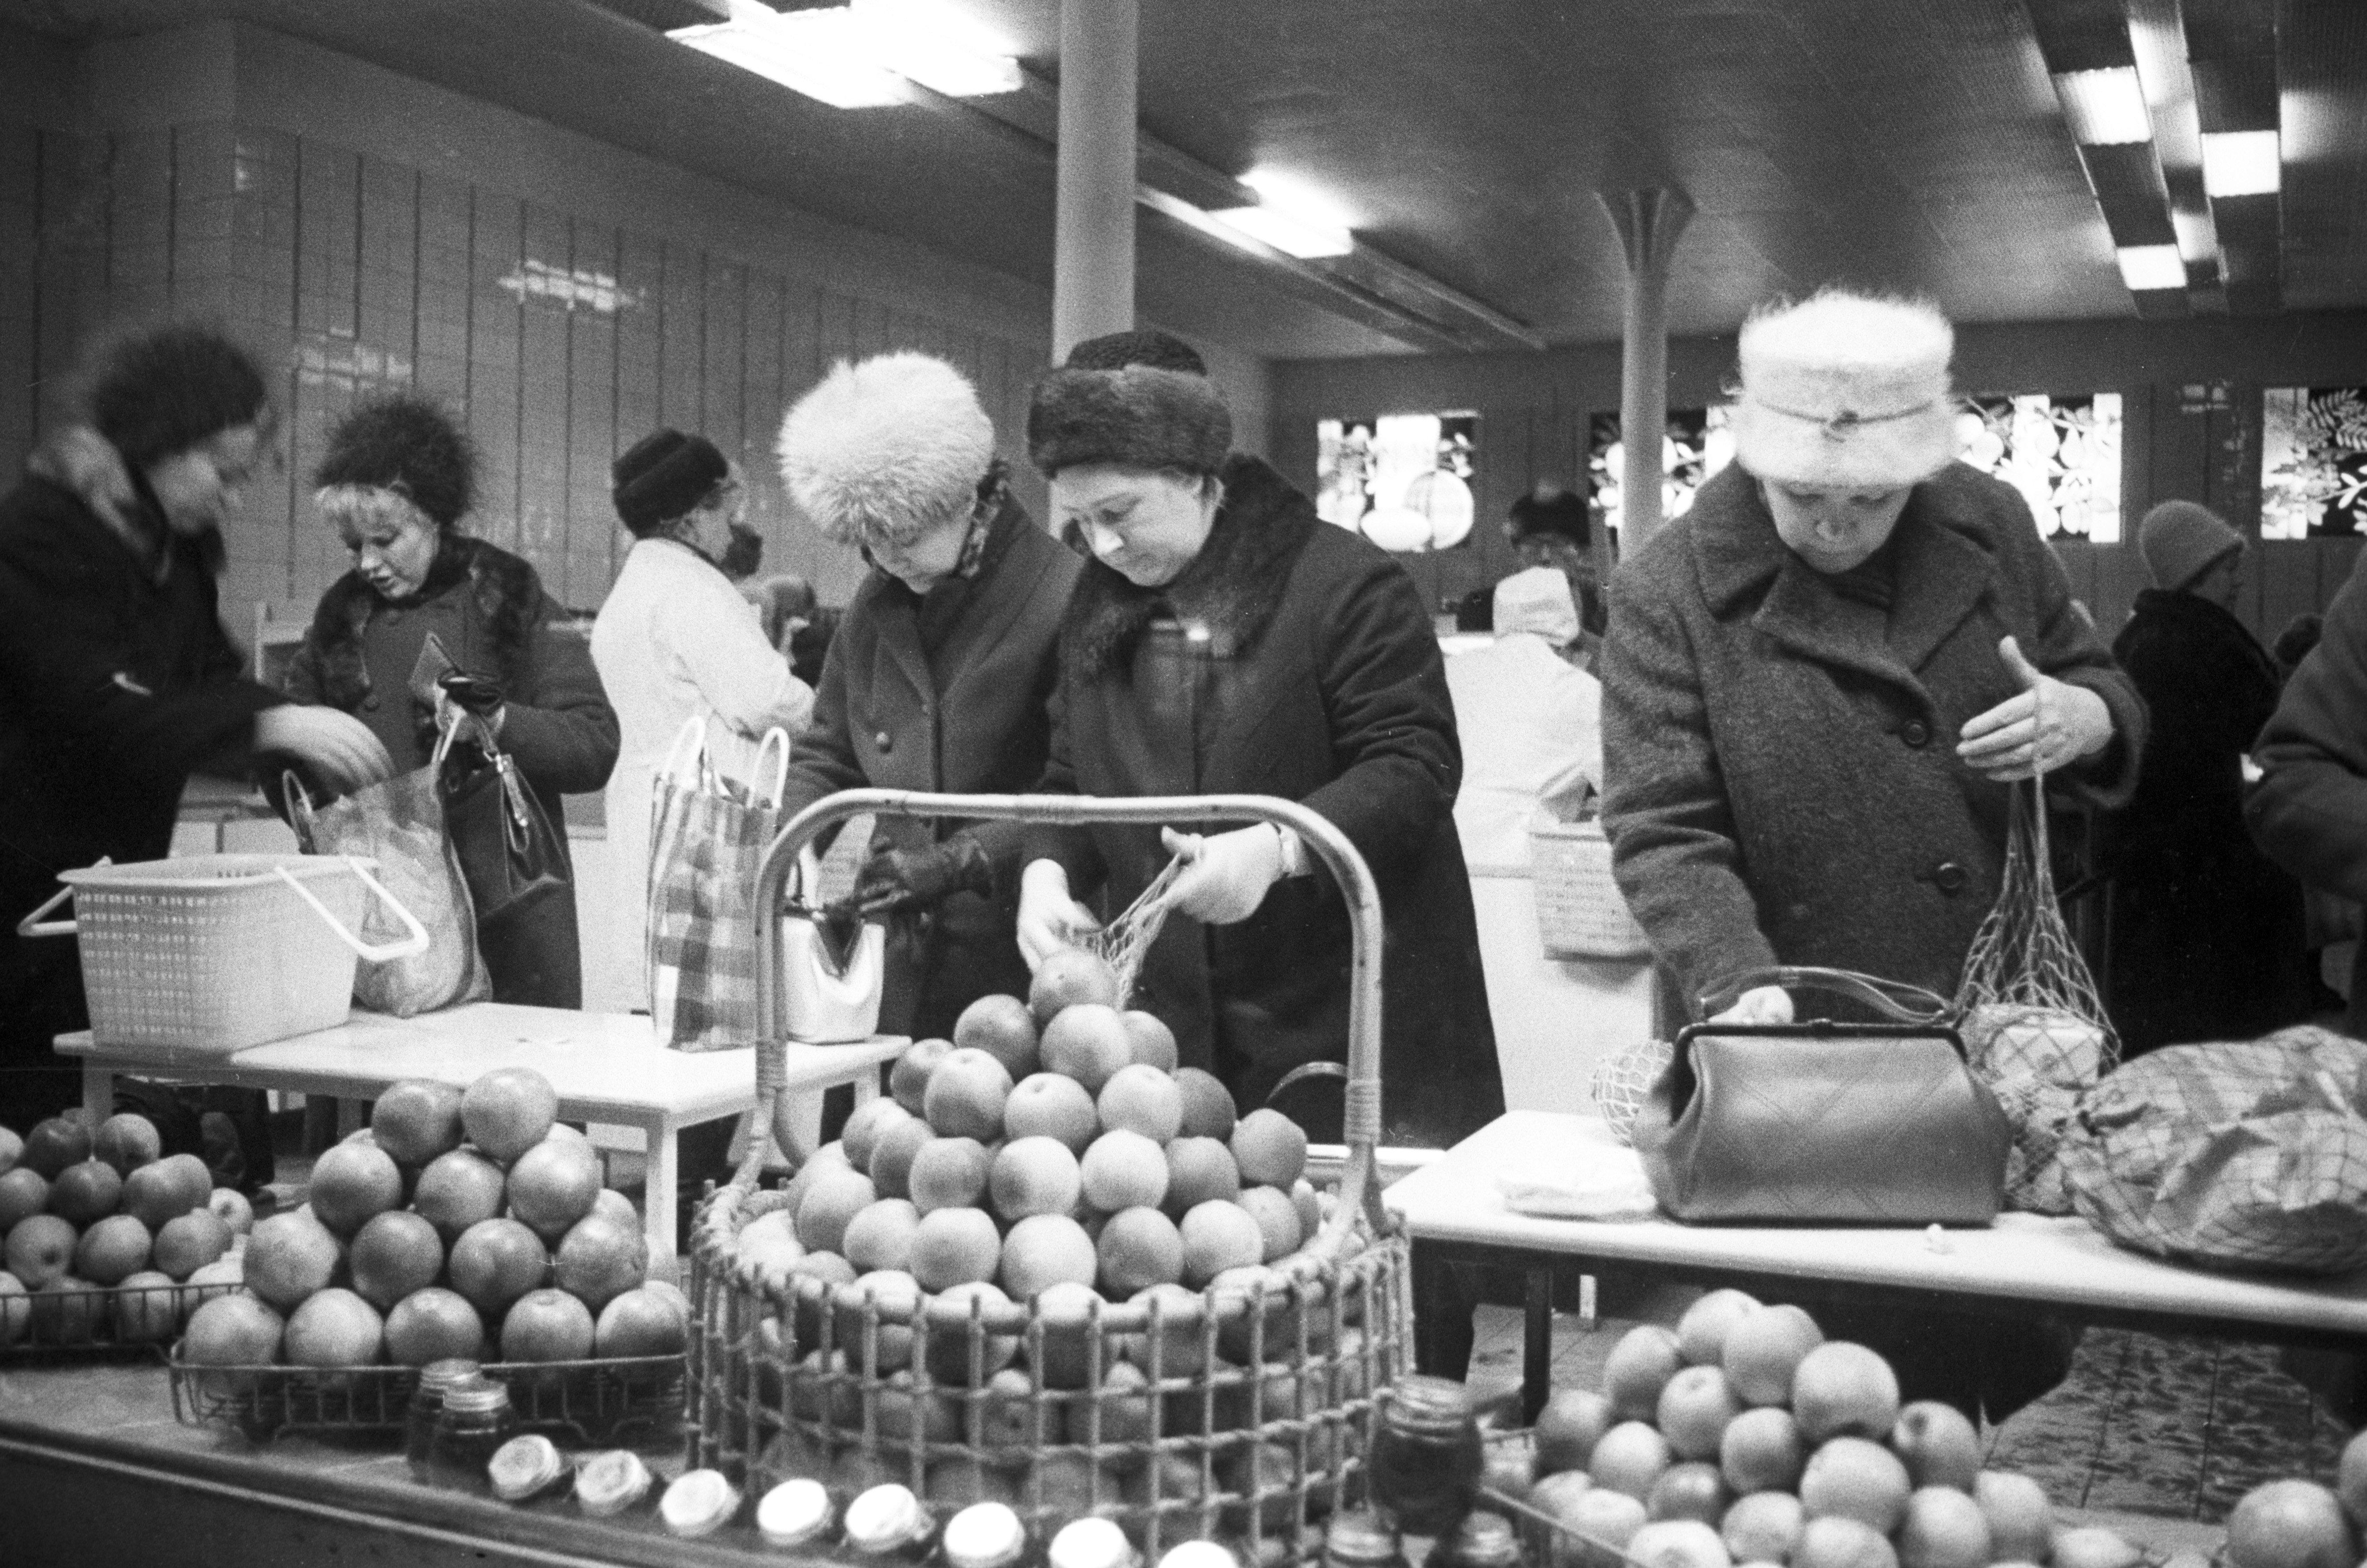 La gente compra frutta in un negozio a Mosca (foto d'archivio)